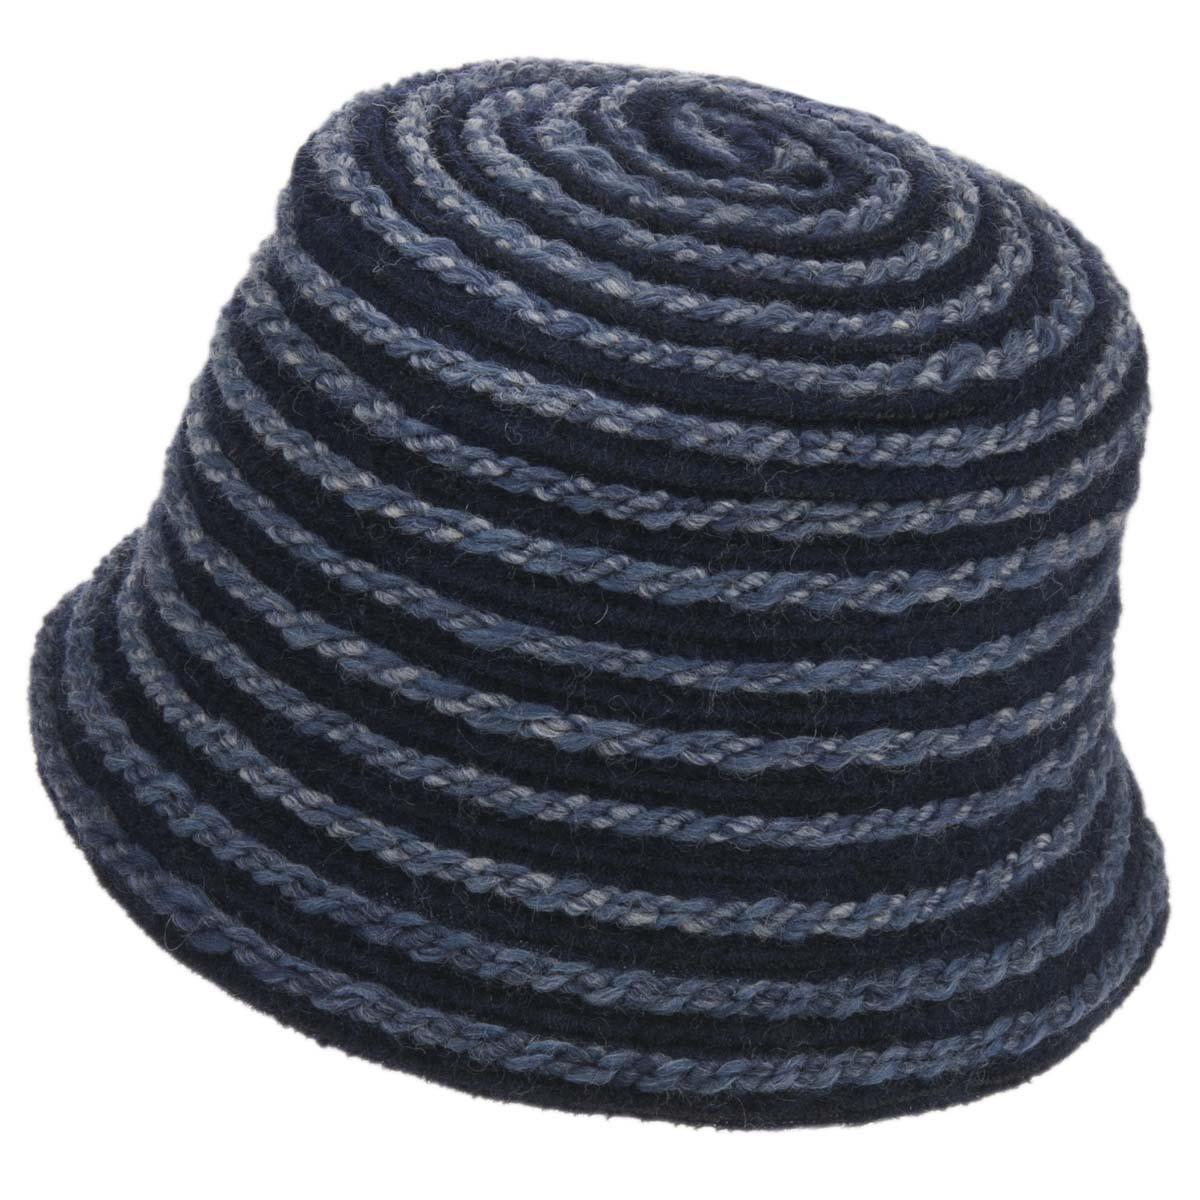 Cappello da donna tascabile modello cloche ... 3bea815cf2b5